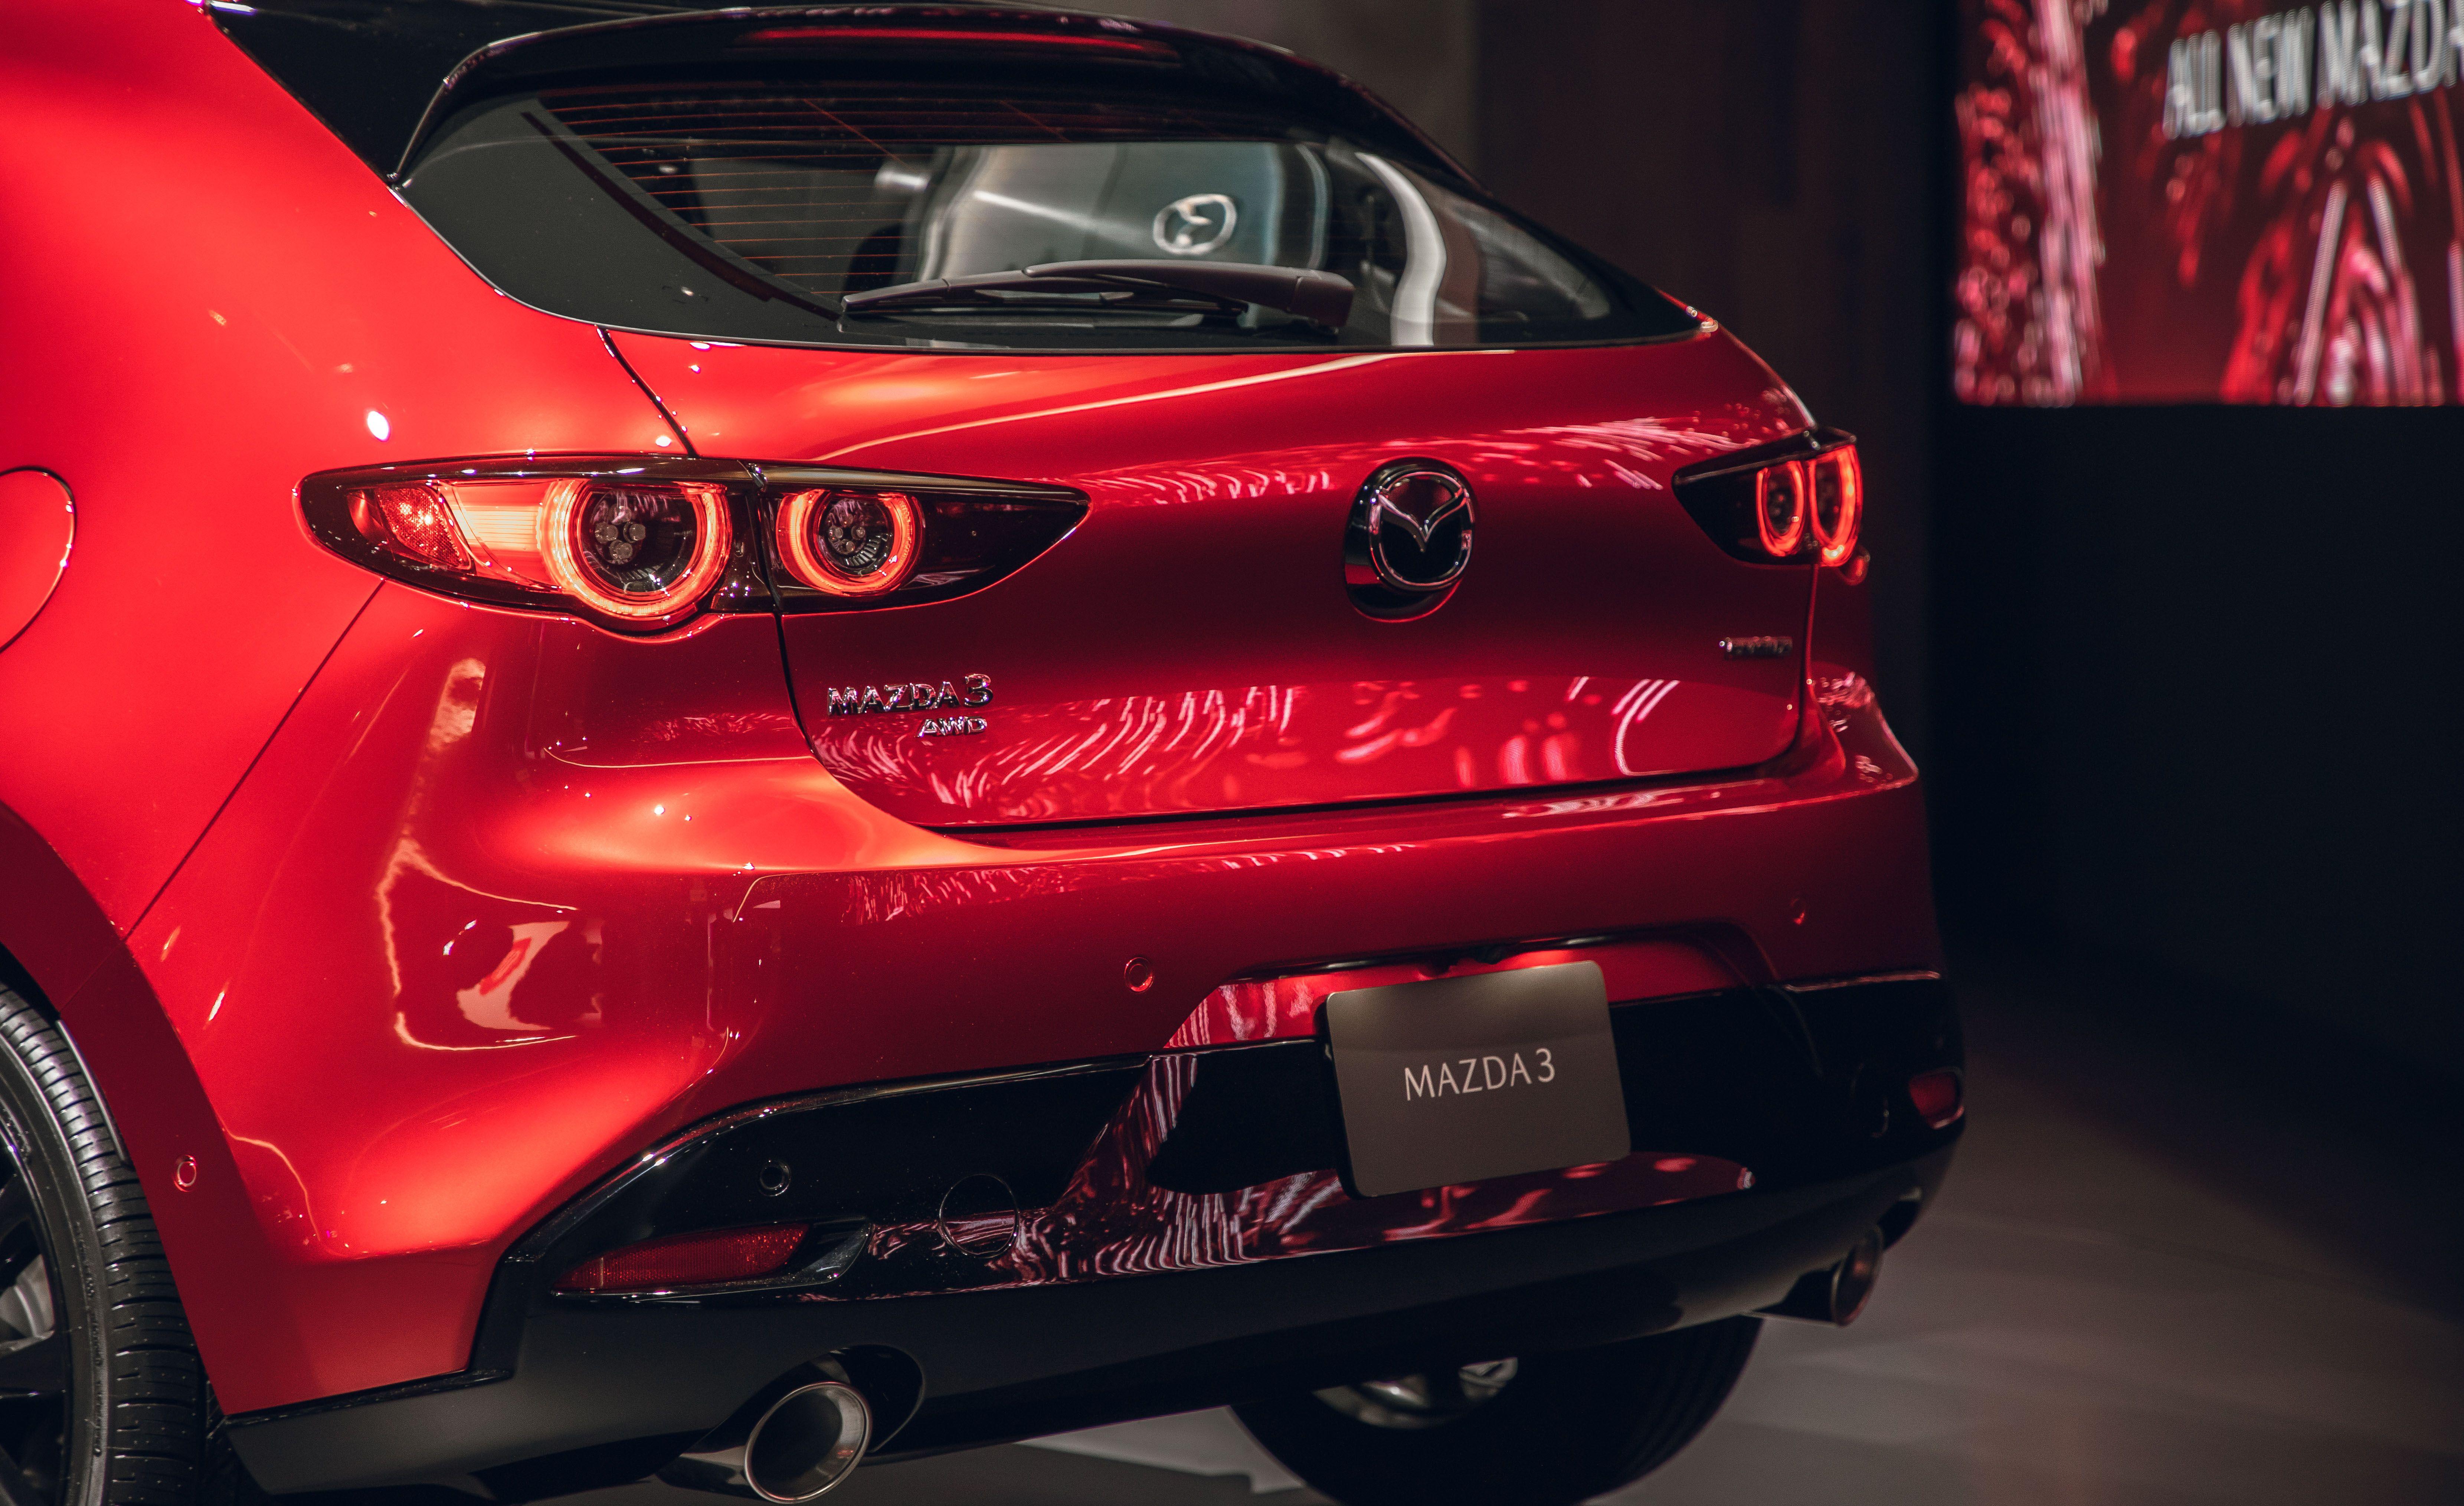 2019 Mazda Mazda 3 Reviews Mazda Mazda 3 Price Photos And Specs